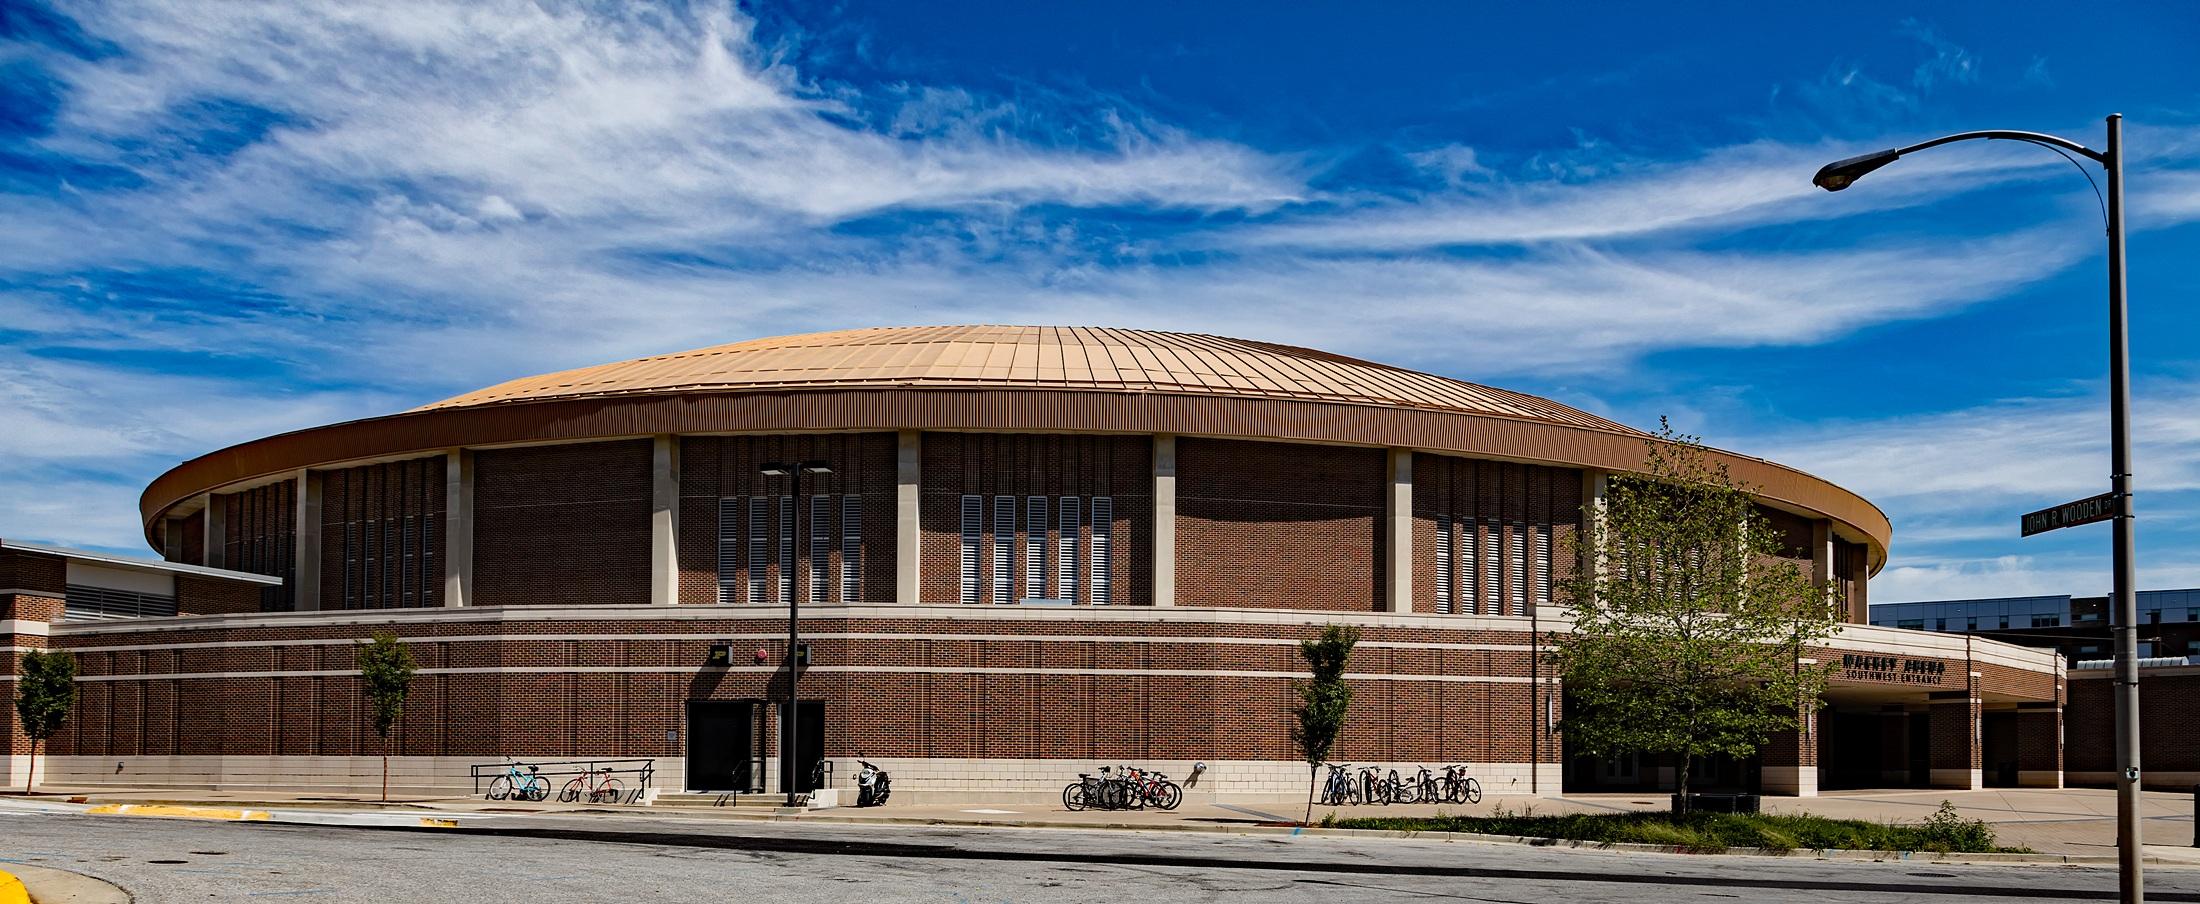 Fotos gratis arquitectura estructura edificio for Arquitectura universidades